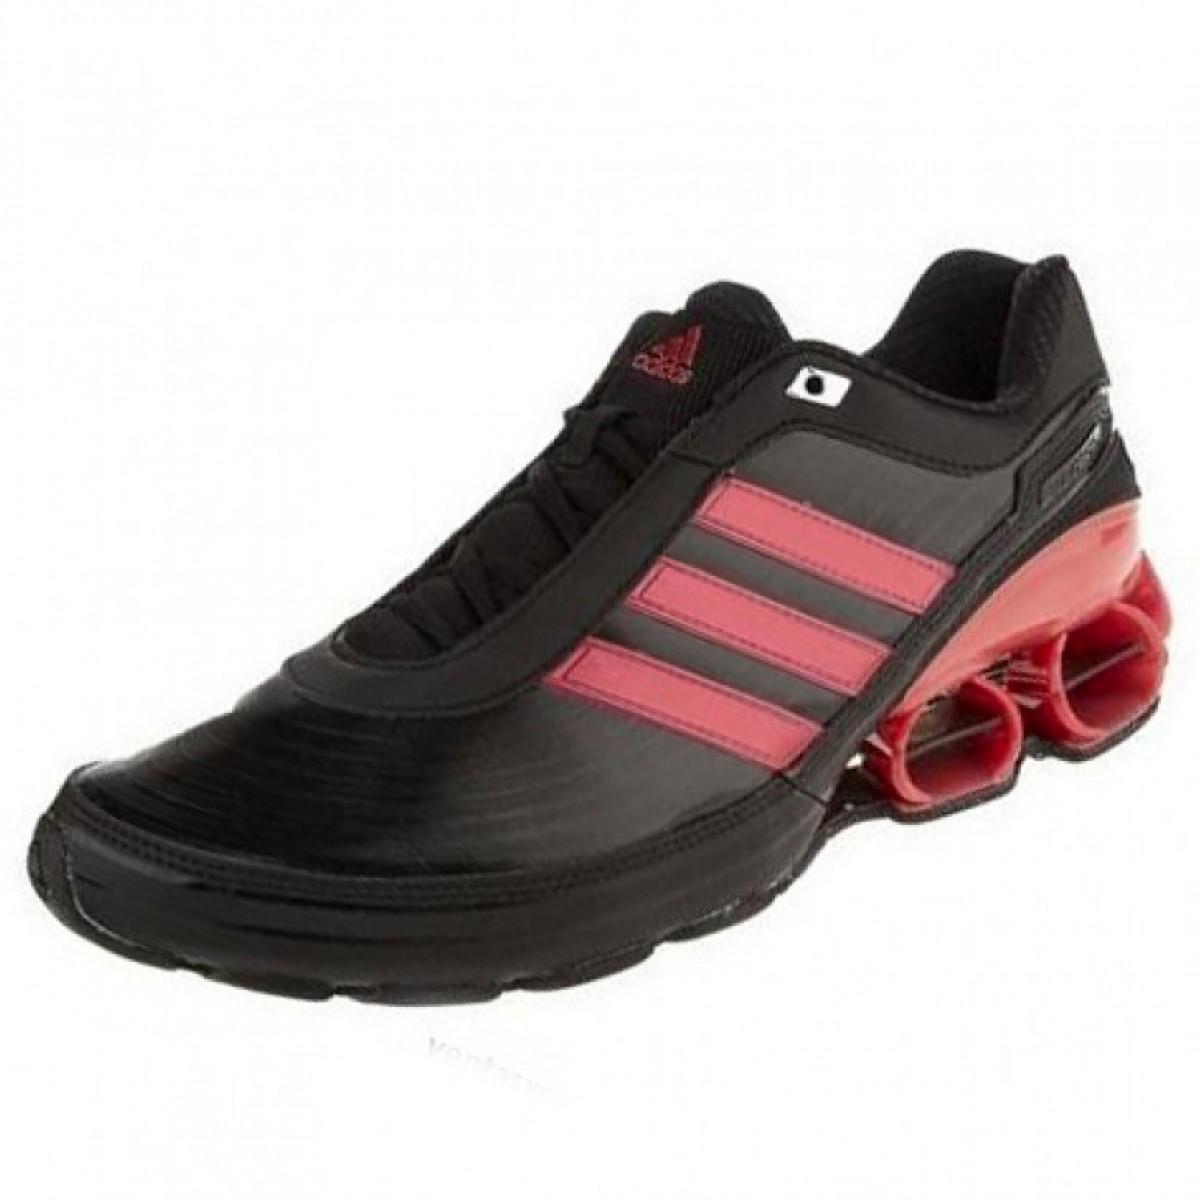 13bdca5a6 Tênis Adidas Devotion Pb 3 Preto Pink Feminino - Compre Agora ...